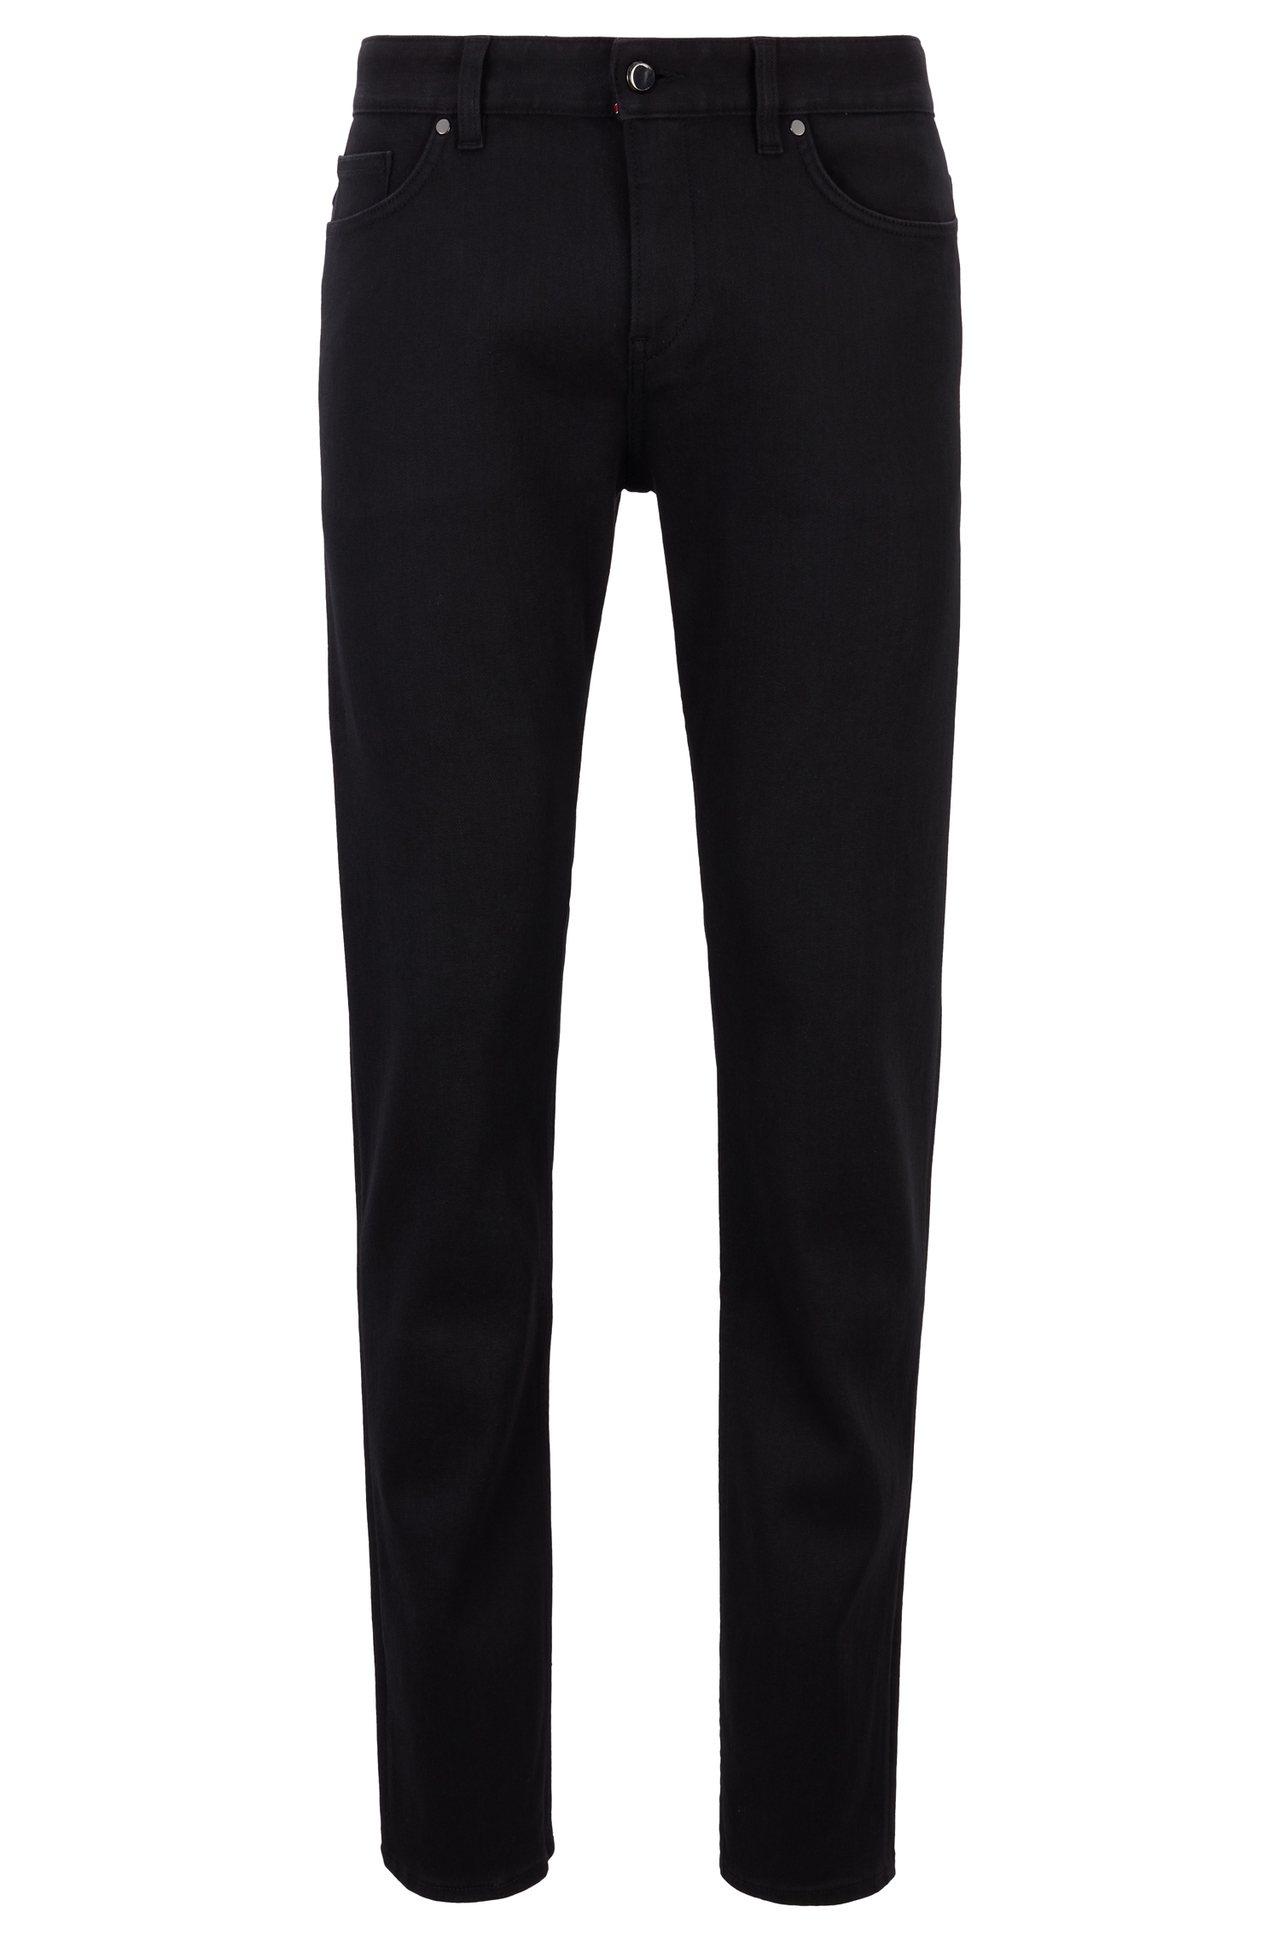 BOSS與保時捷聯名系列黑色長褲,9,900元。